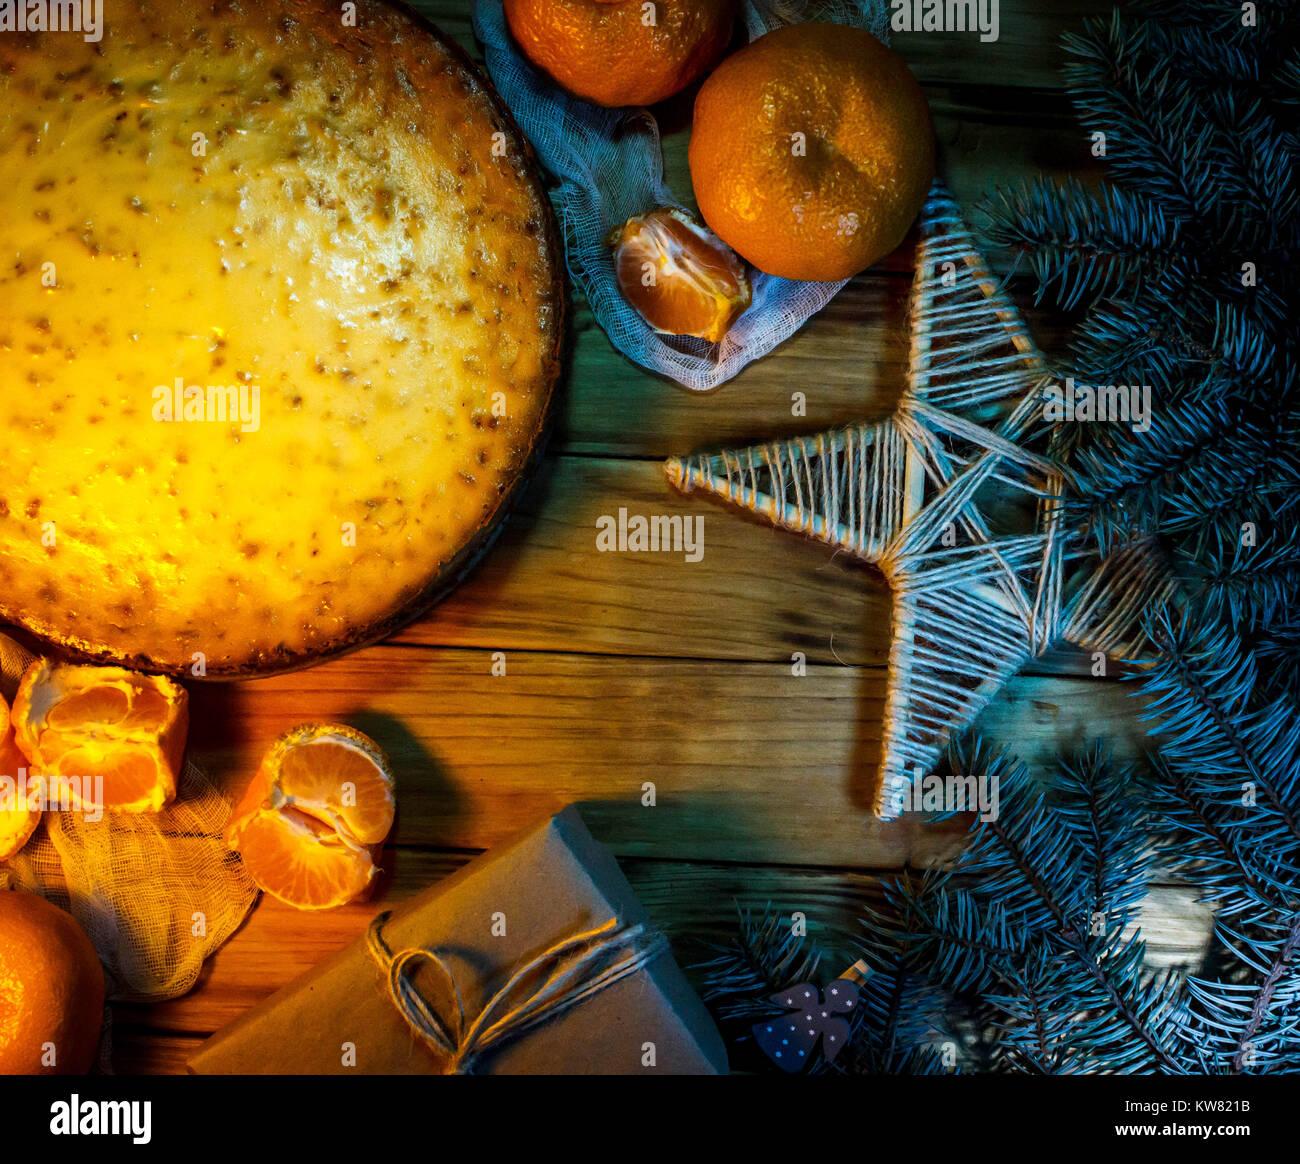 Käse Kuchen gegen Holz- Hintergrund mit Orangen, Geschenkbox und Weihnachtsdekoration. Stockbild